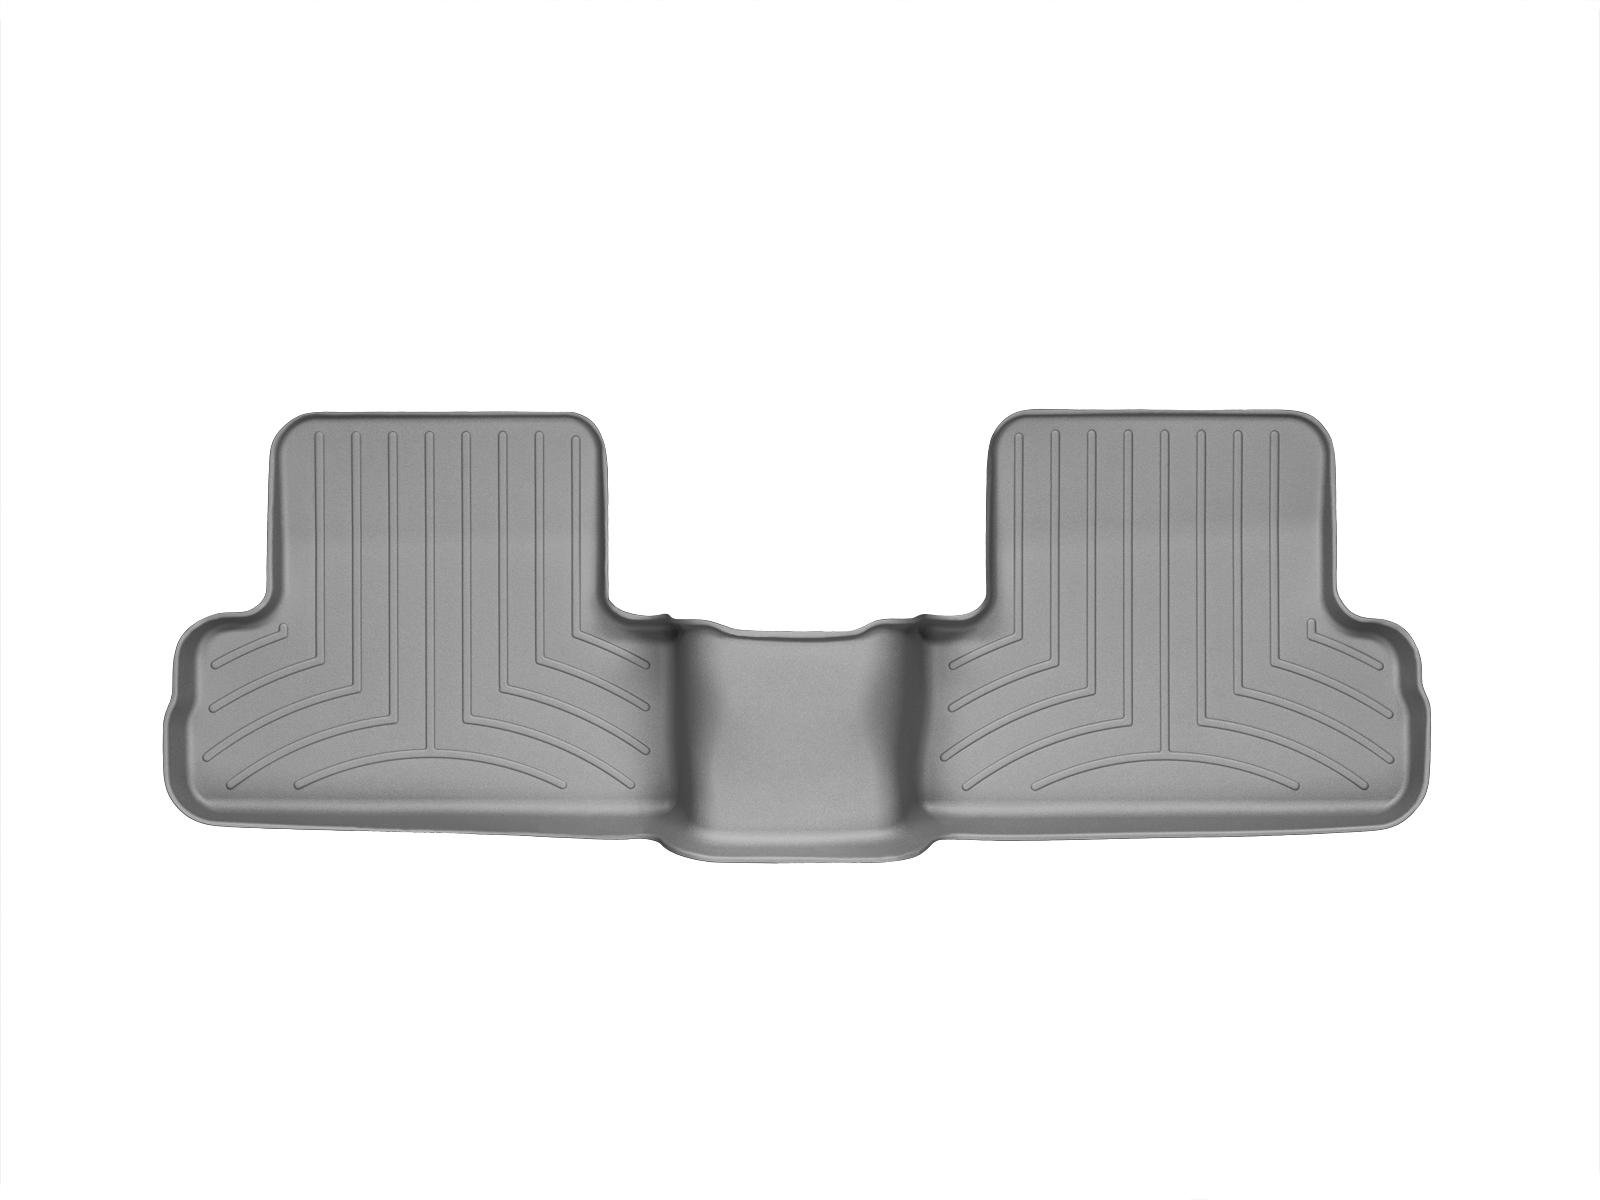 Tappeti gomma su misura bordo alto Nissan X-Trail 07>07 Grigio A2920